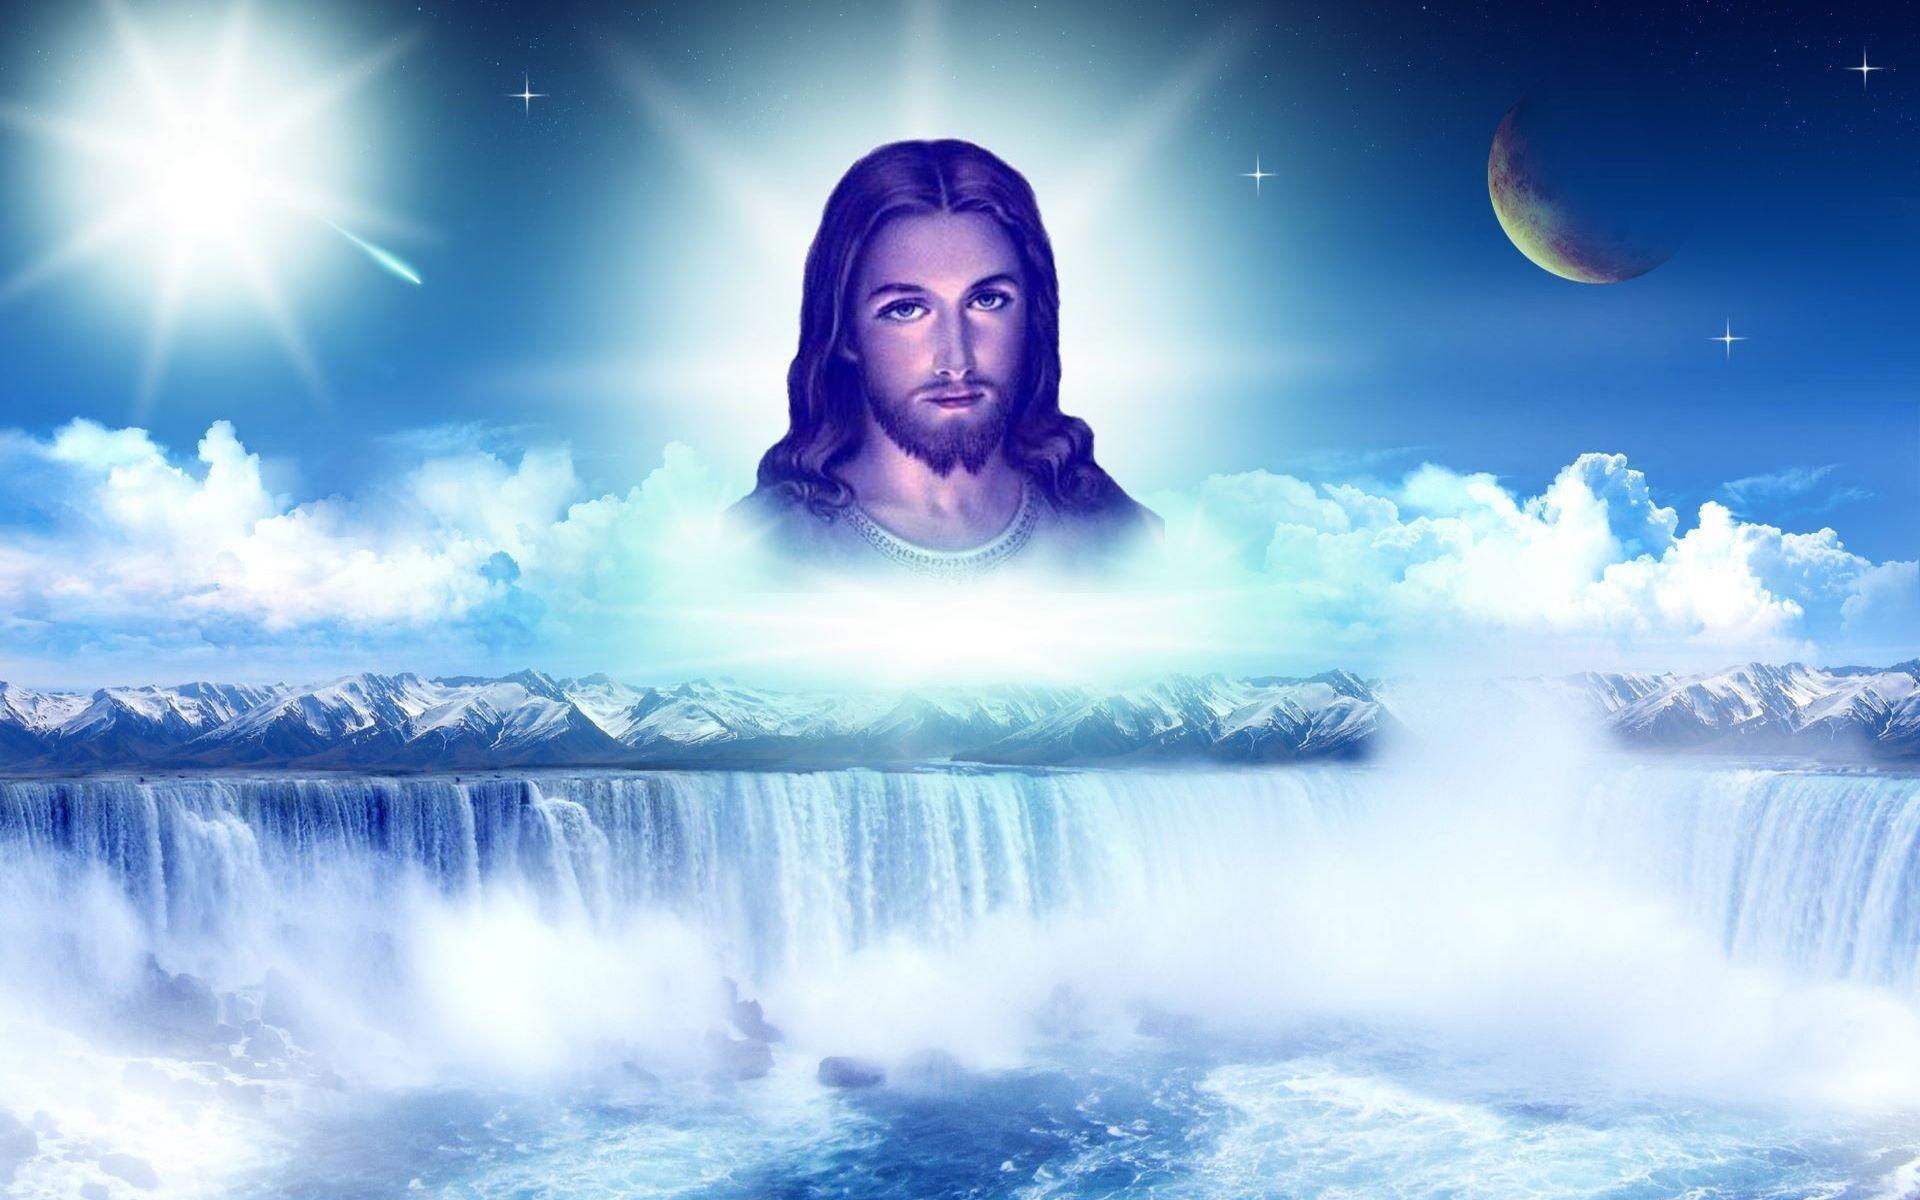 3008x2008 Jesus Christ Widescreen Wallpapers 02 Download